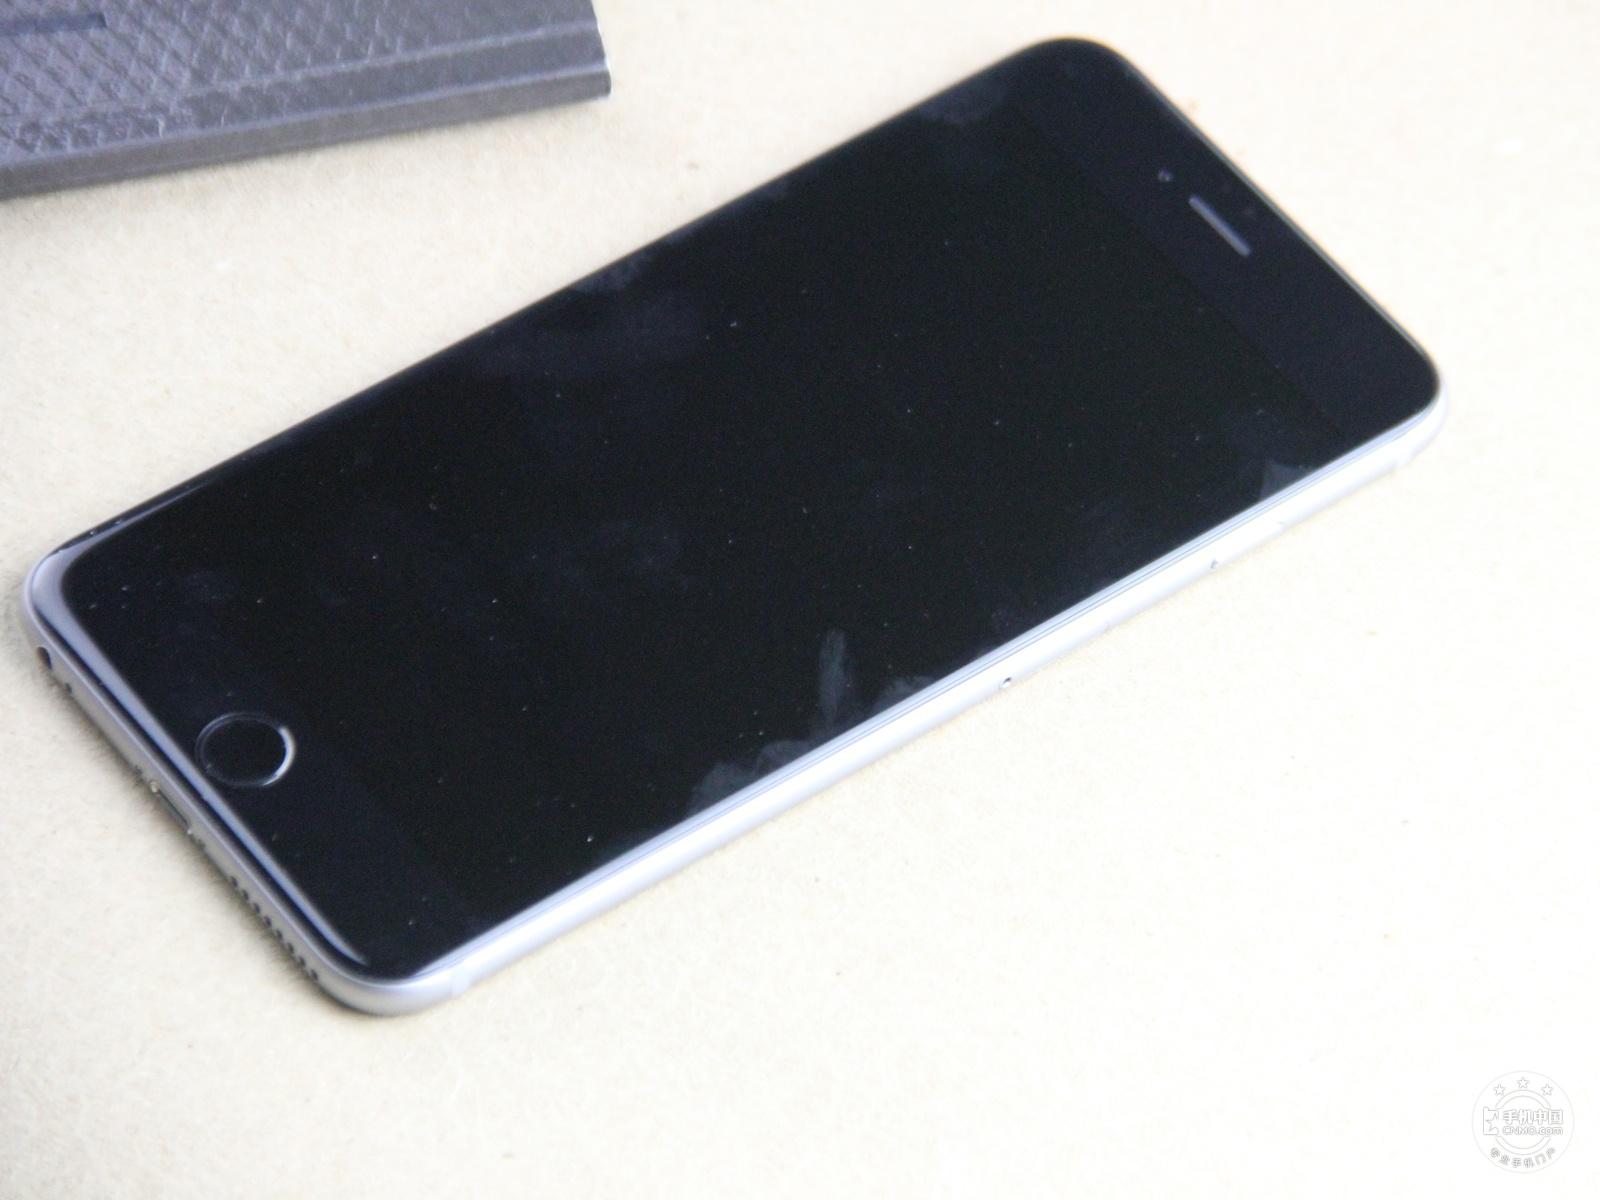 苹果iPhone6Plus(64GB)整体外观第7张